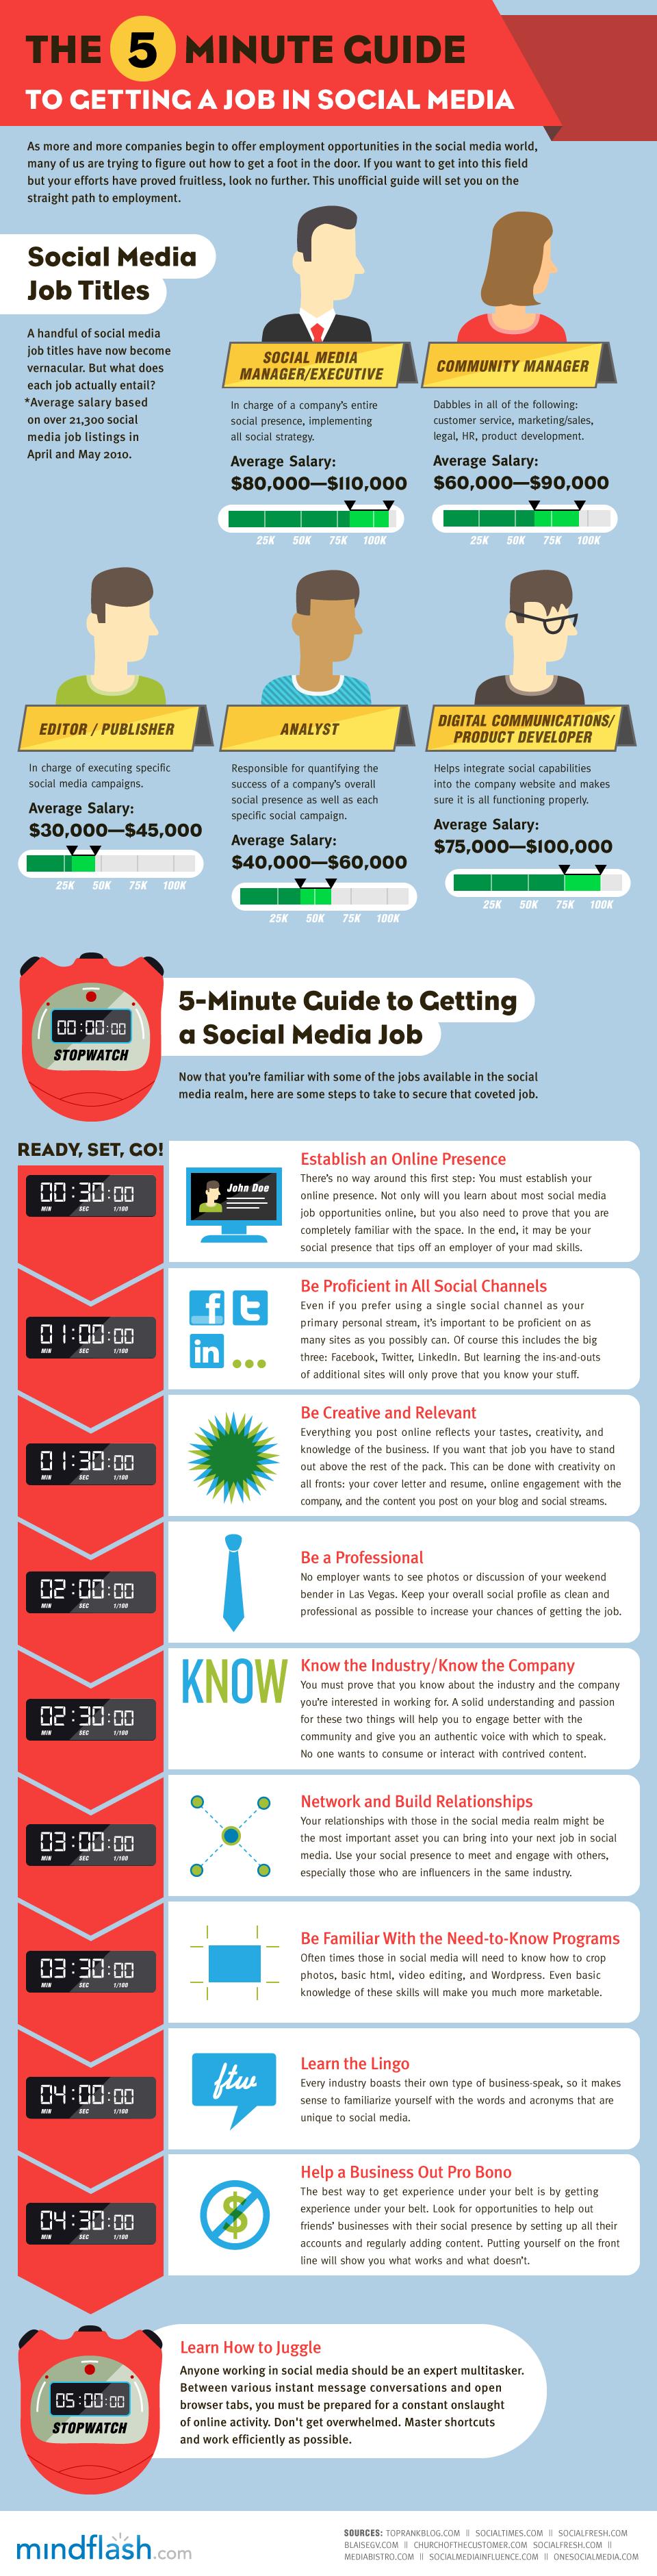 Infografika: Jak získat job v sociálních médiích za 5 minut